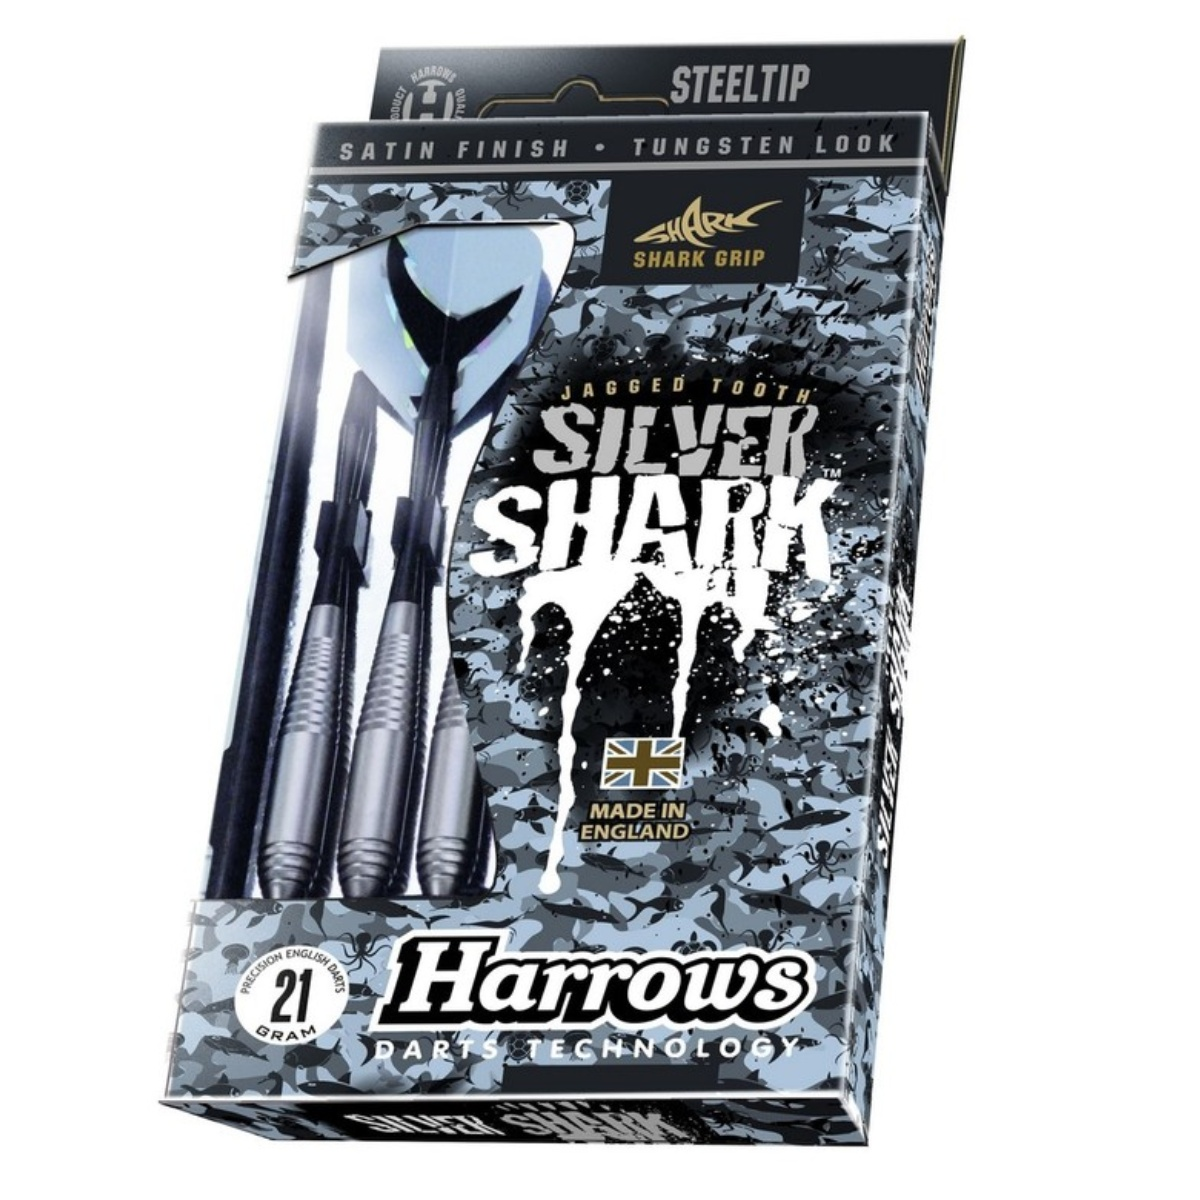 Harrows Steel Silver Shark 21gR